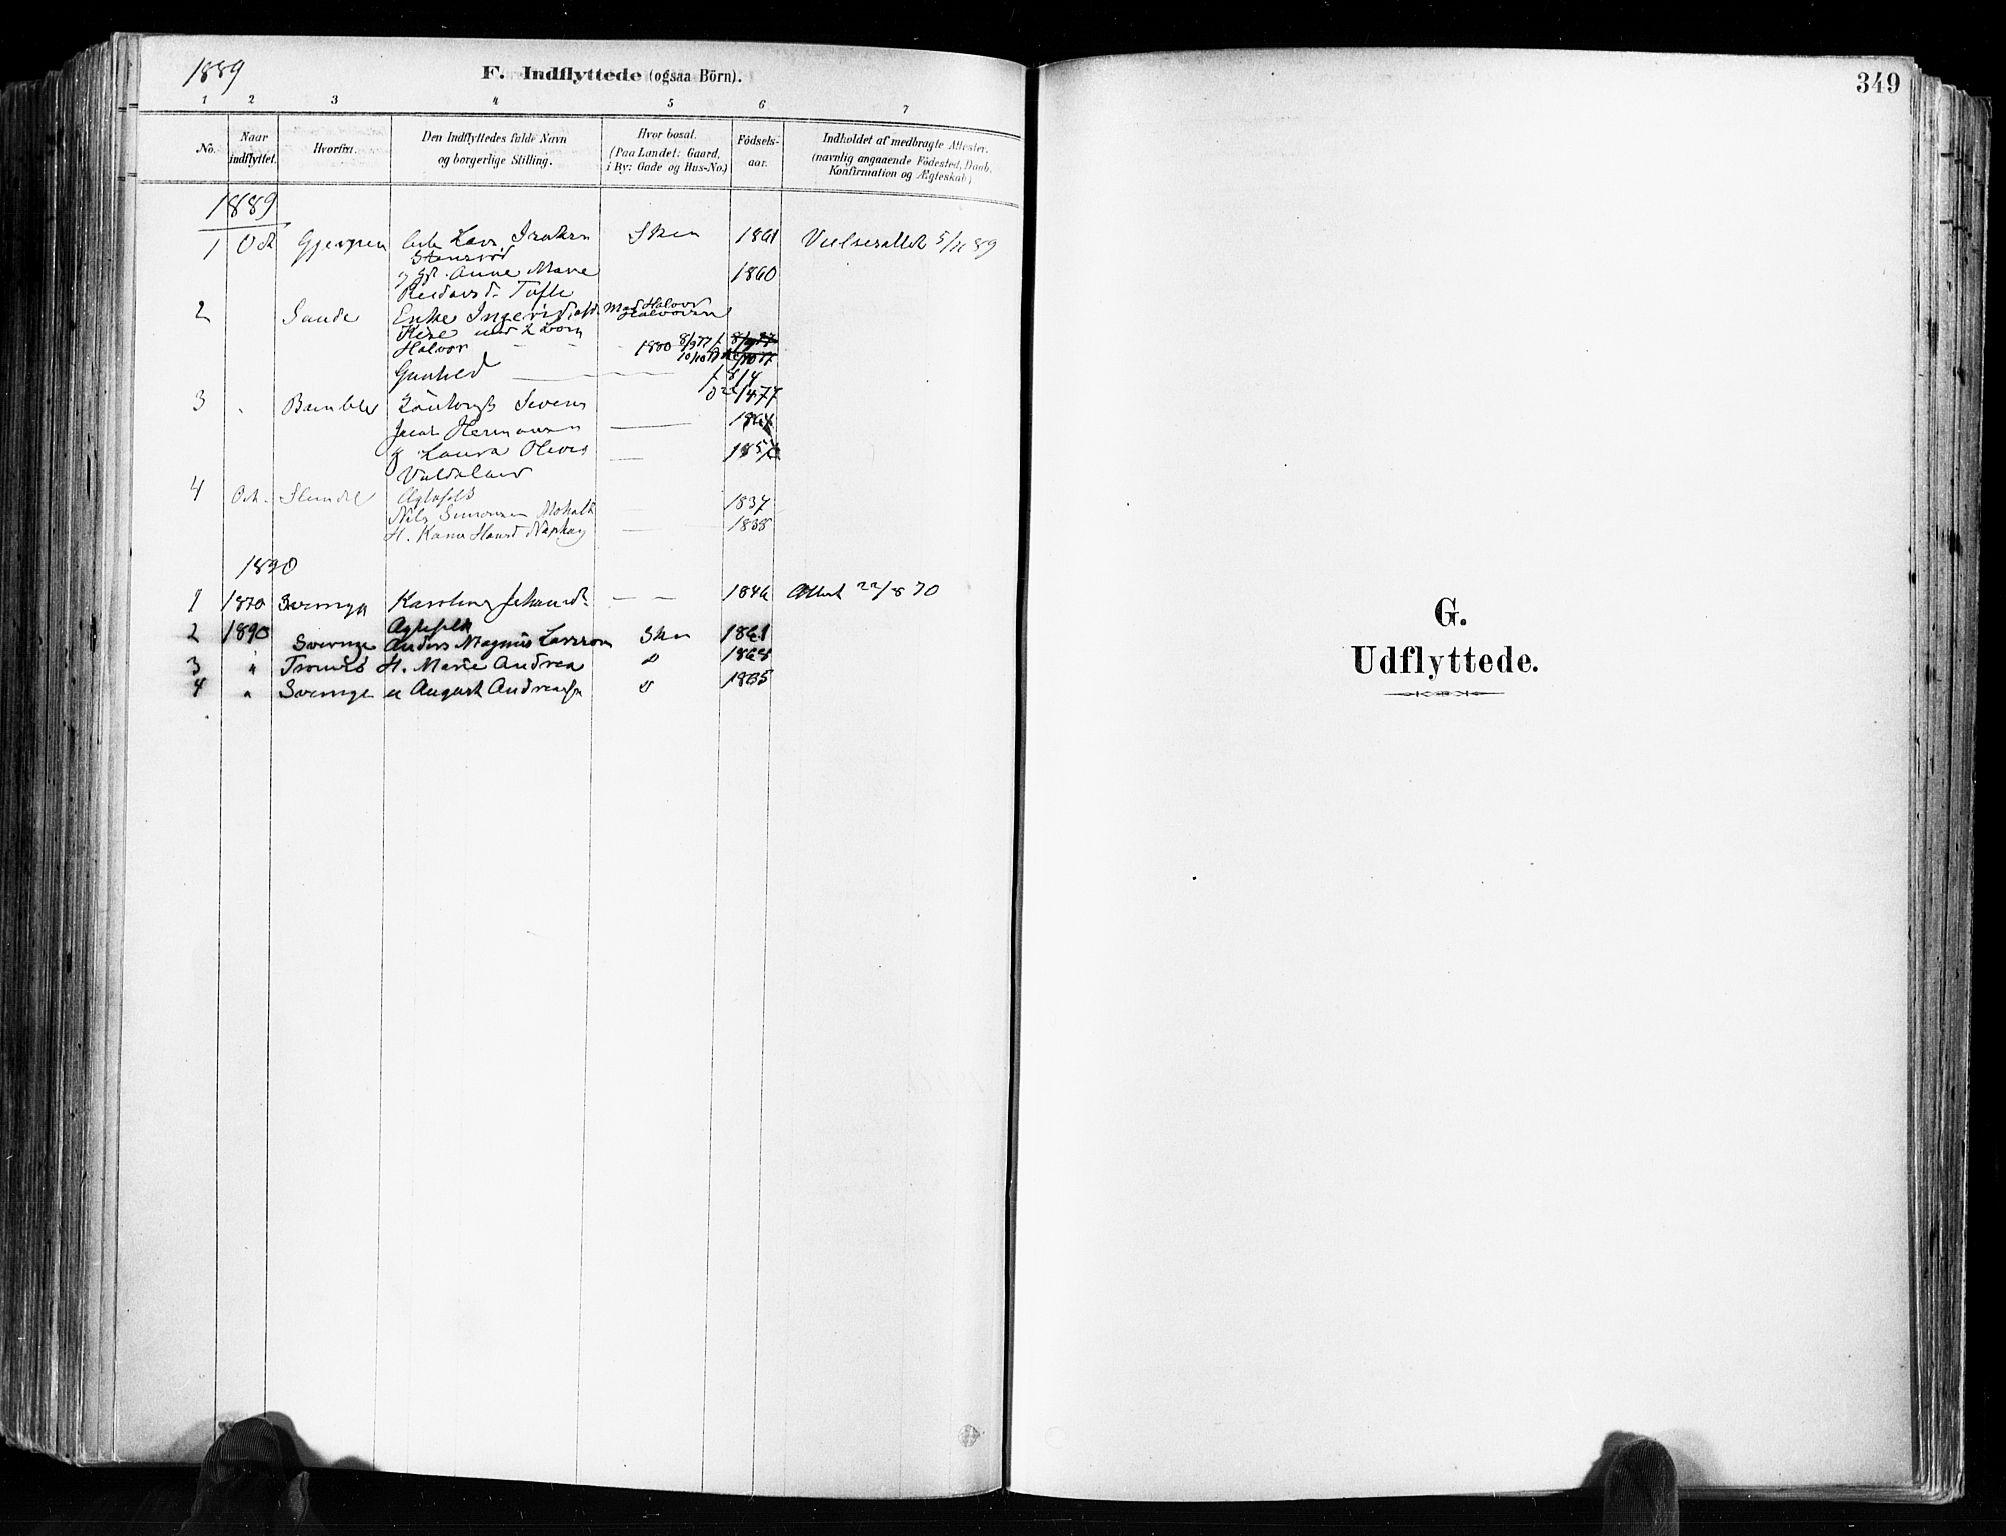 SAKO, Skien kirkebøker, F/Fa/L0009: Ministerialbok nr. 9, 1878-1890, s. 349